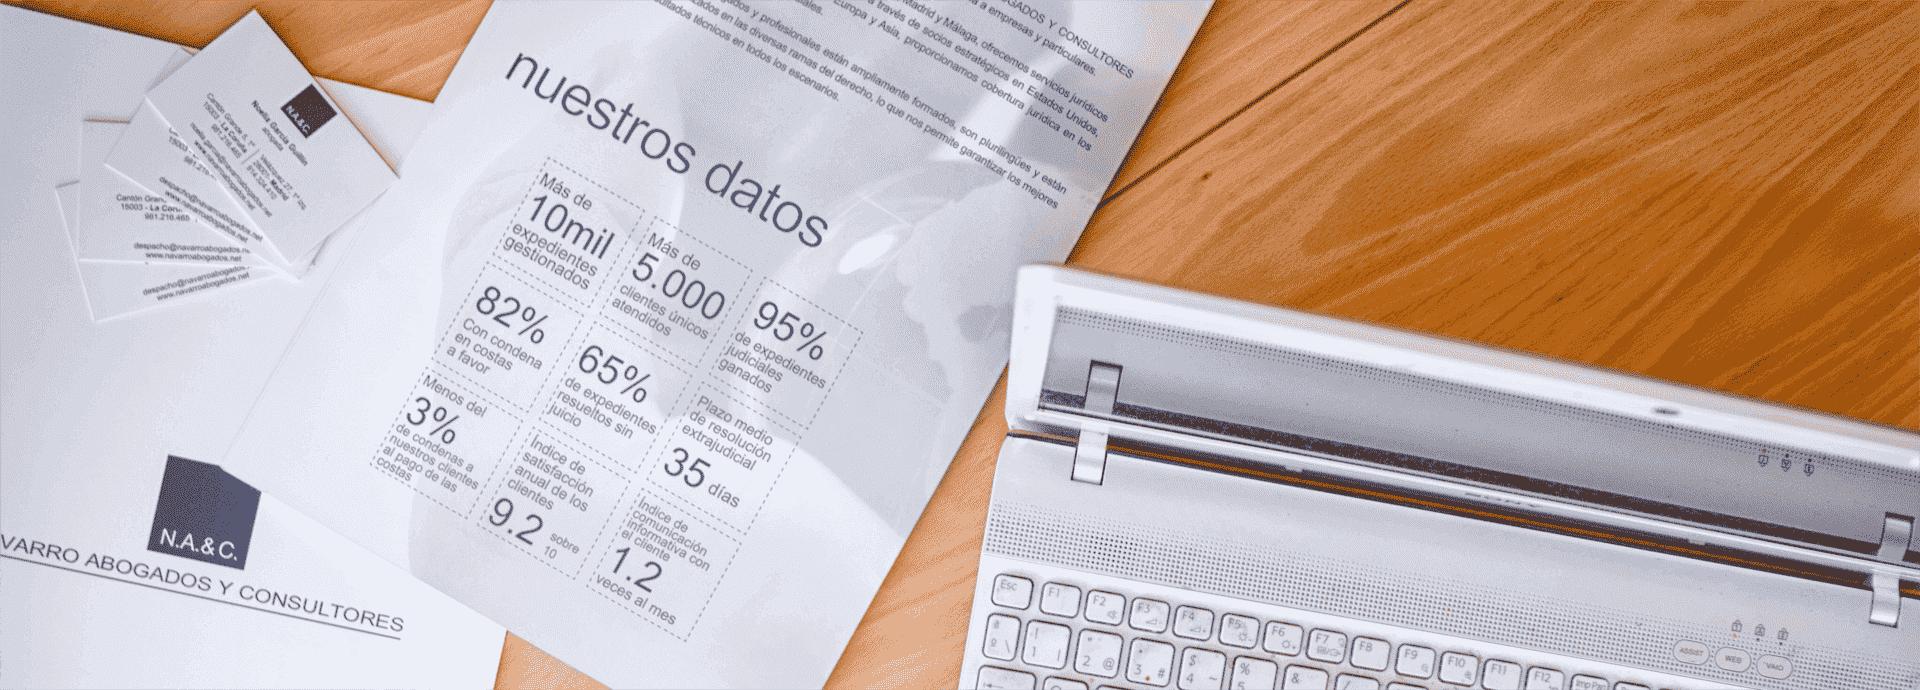 Datos Abogados Coruña